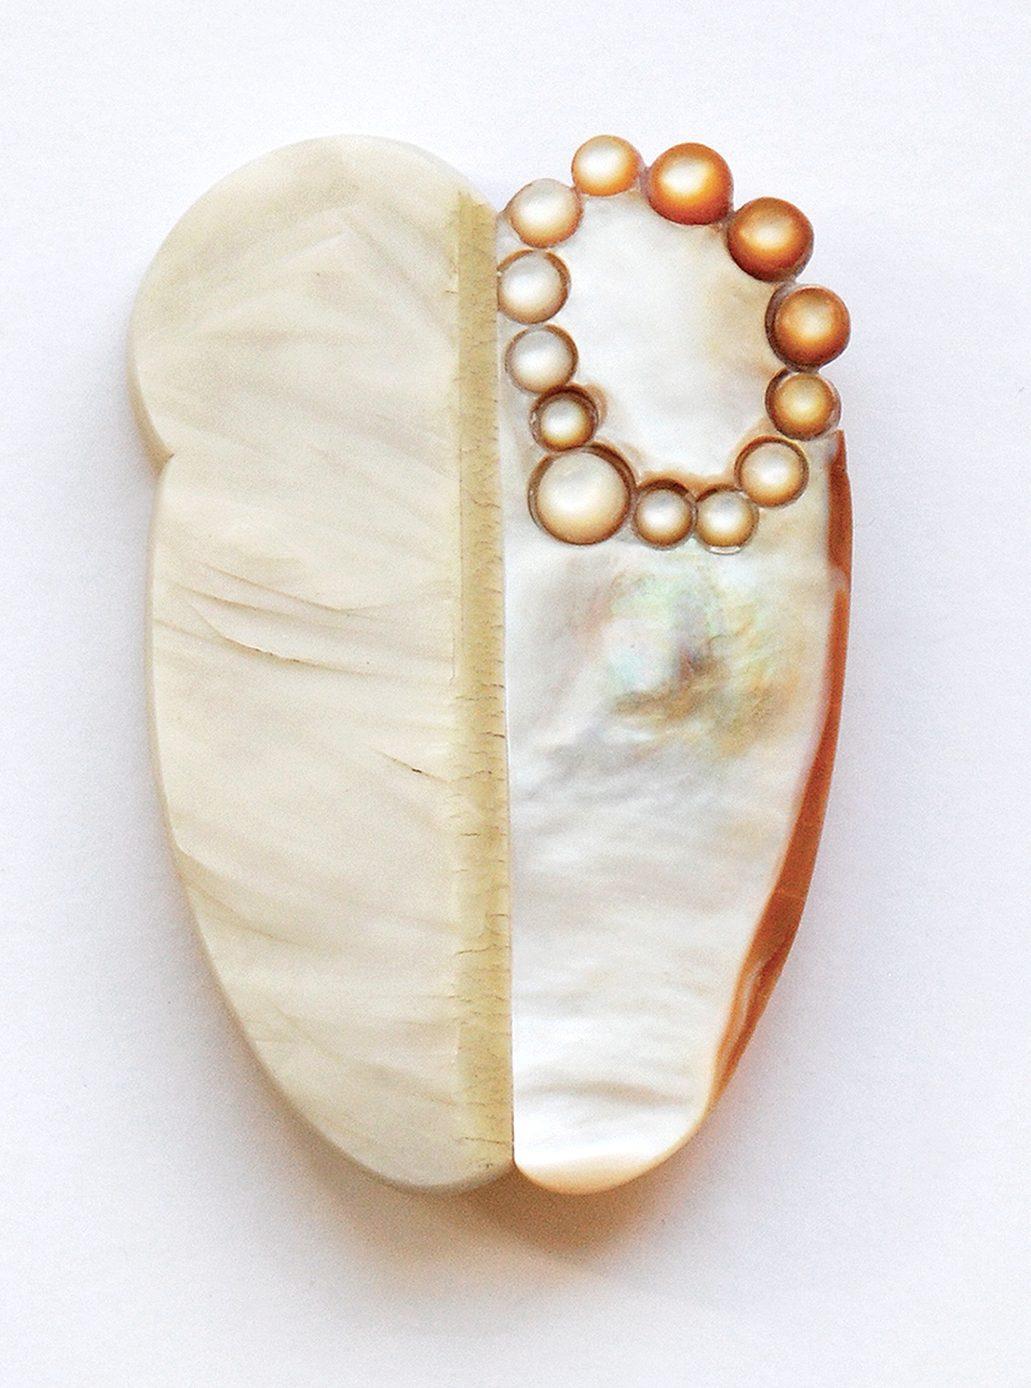 Danni Schwaag, Organ II, broche, 2017, parelmoer, galaliet, roestvrij staal, goud